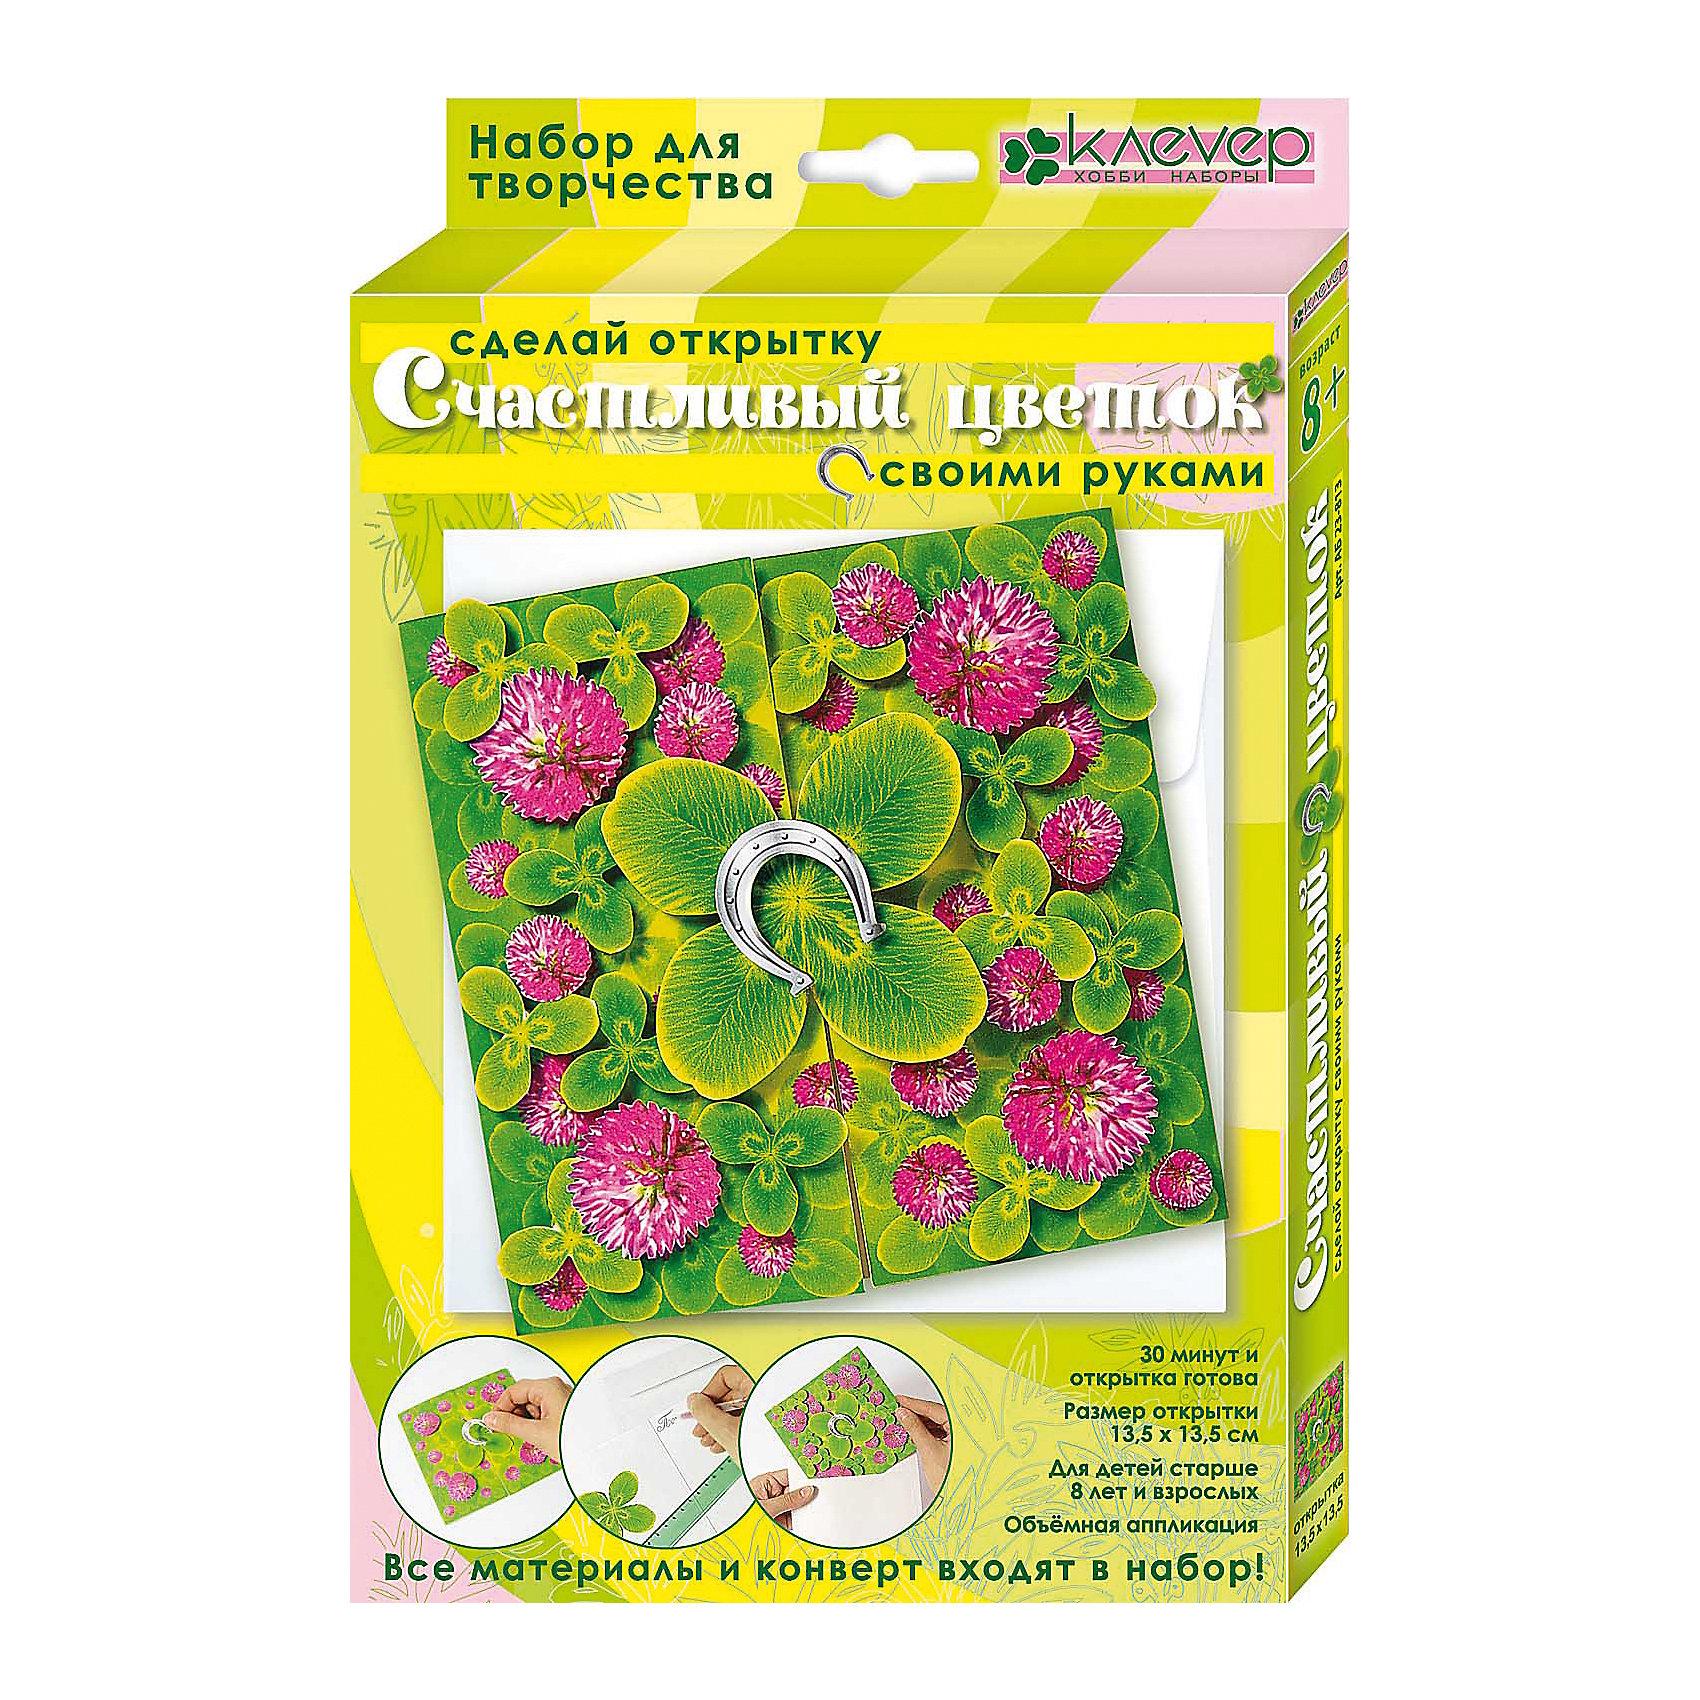 Набор для изготовления открытки Счастливый цветокРукоделие<br>комлект цветной тонкой и плотной бумаги, открытка, конверт, тонкий и объёмный двусторонний скотч, пошаговая инструкция с фото<br><br>Ширина мм: 230<br>Глубина мм: 150<br>Высота мм: 180<br>Вес г: 100<br>Возраст от месяцев: 96<br>Возраст до месяцев: 144<br>Пол: Унисекс<br>Возраст: Детский<br>SKU: 5541584